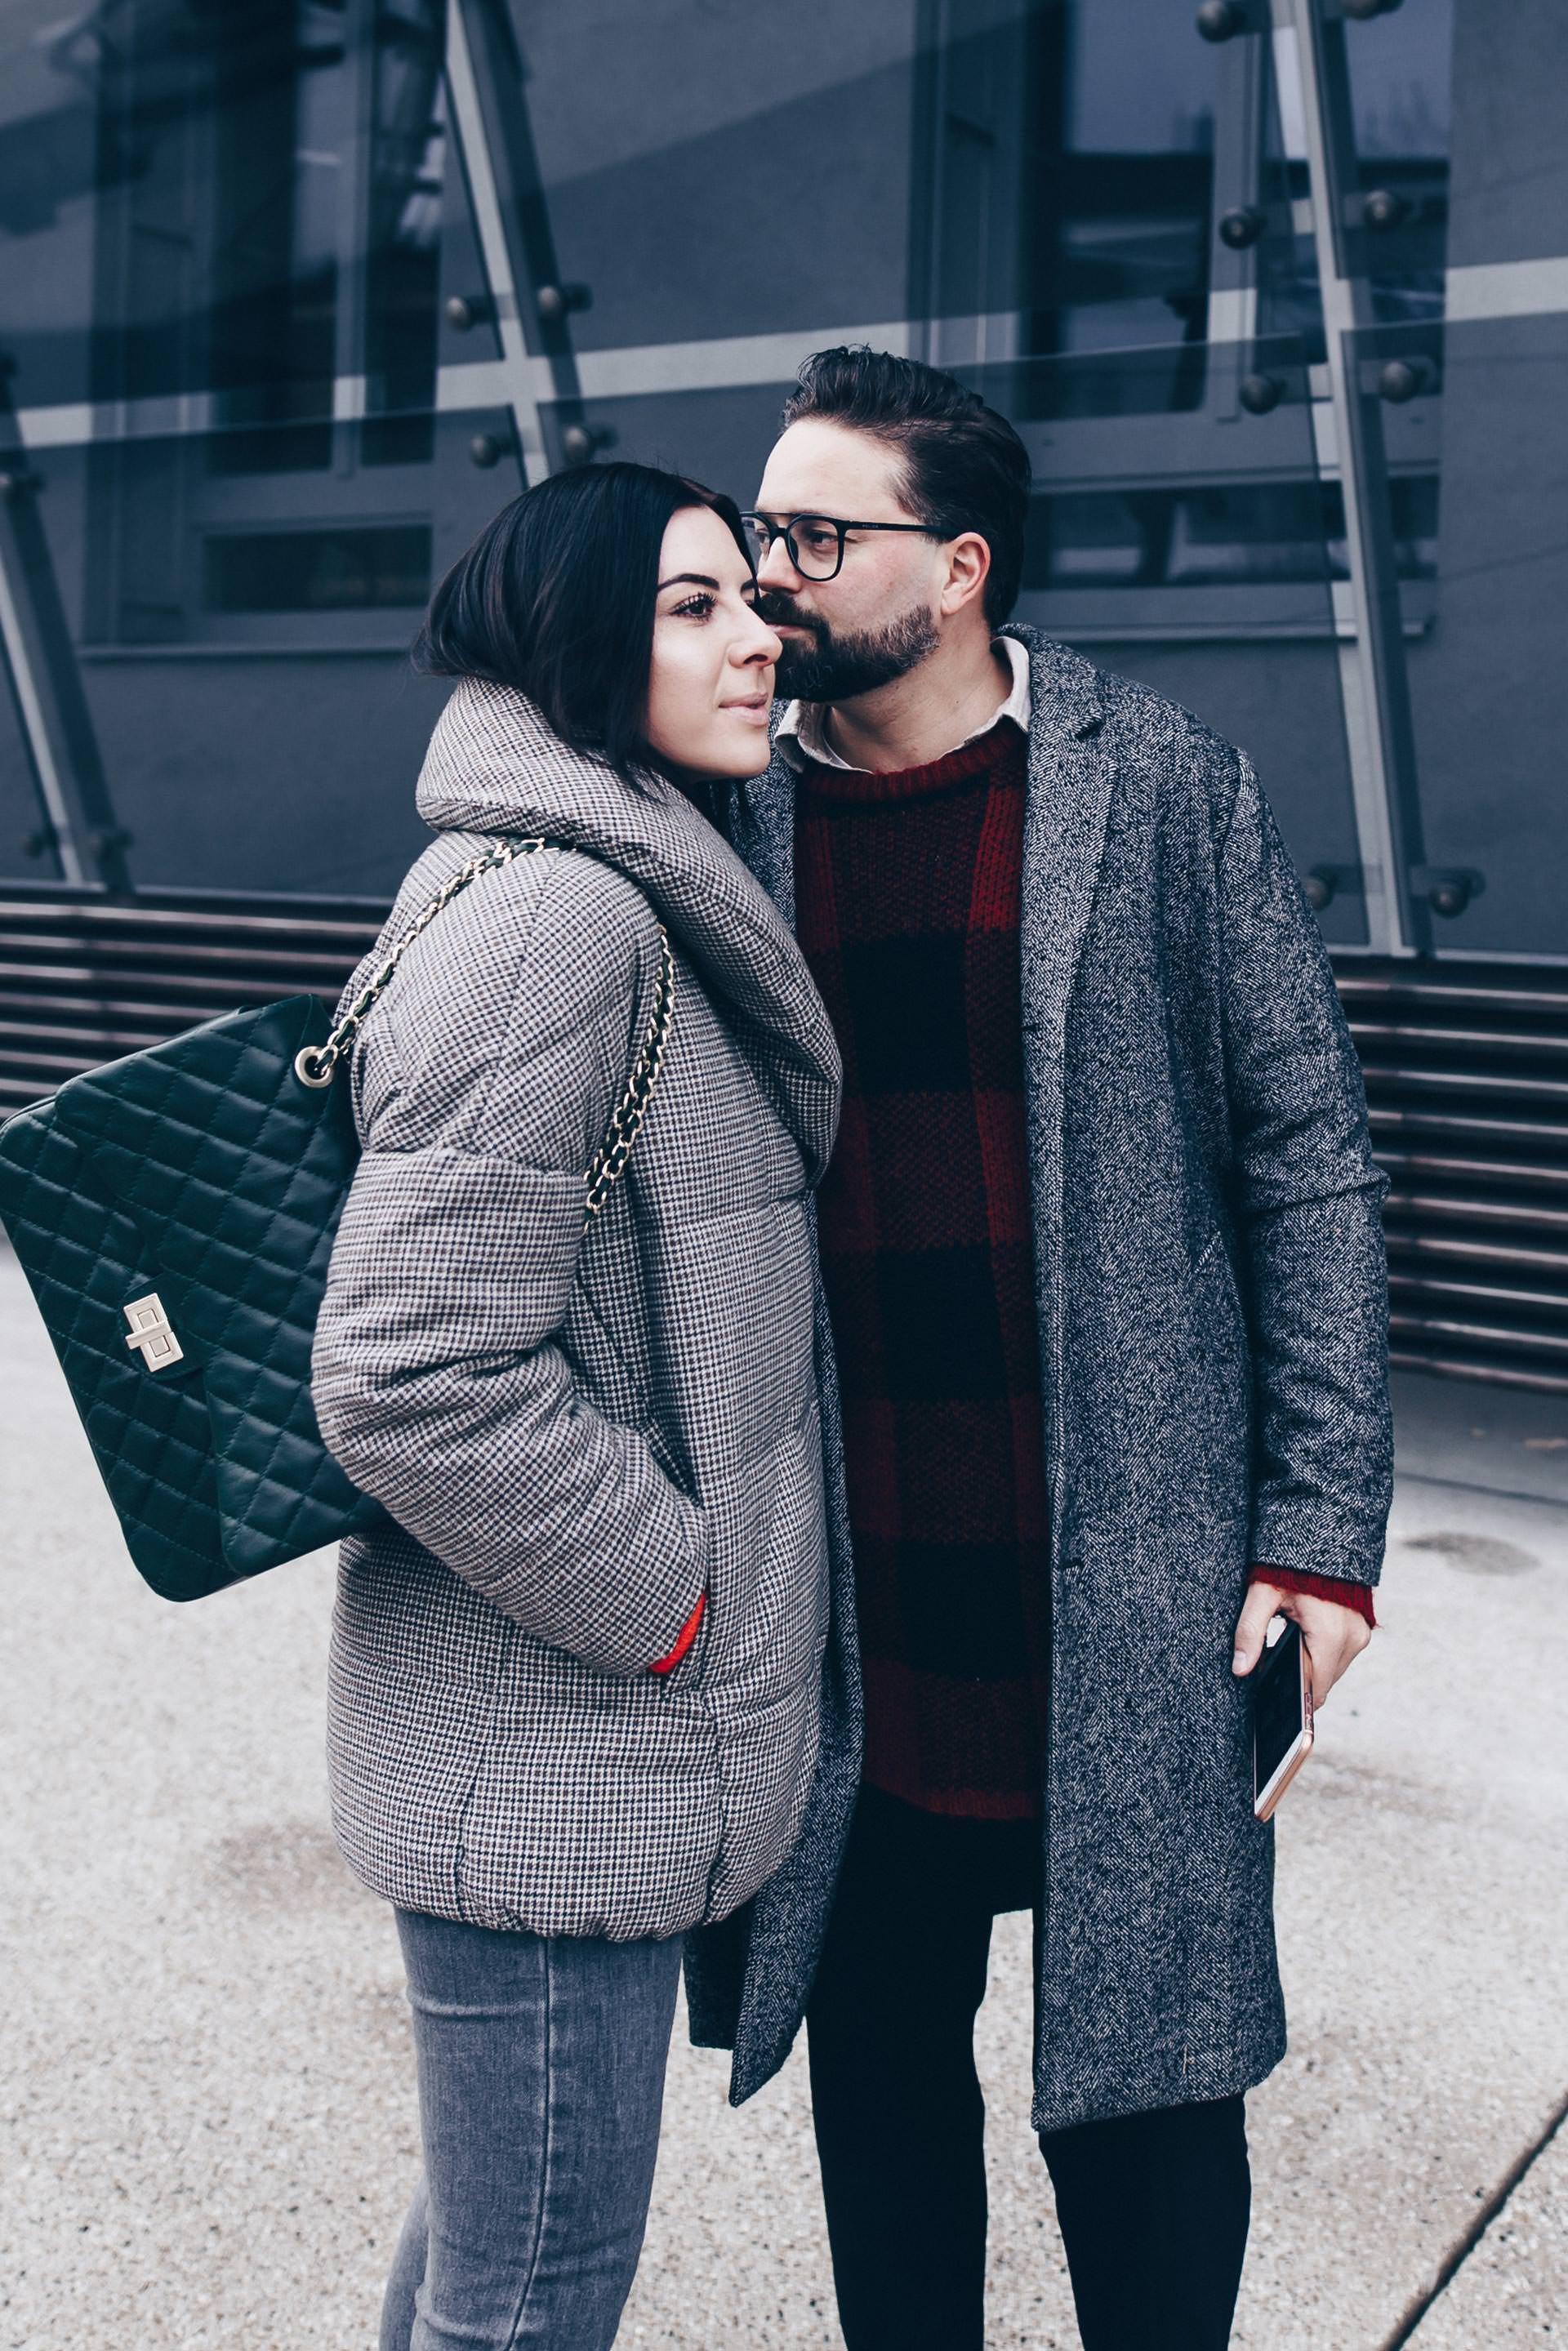 Karomuster kombinieren, Partnerlook und Pärchen Outfits mit Karo, Glencheck, Tartan, Outfit Tipps und Ideen, Streetstyle, Fashion Blog, Outfits Blog, Modeblog, www.whoismocca.com